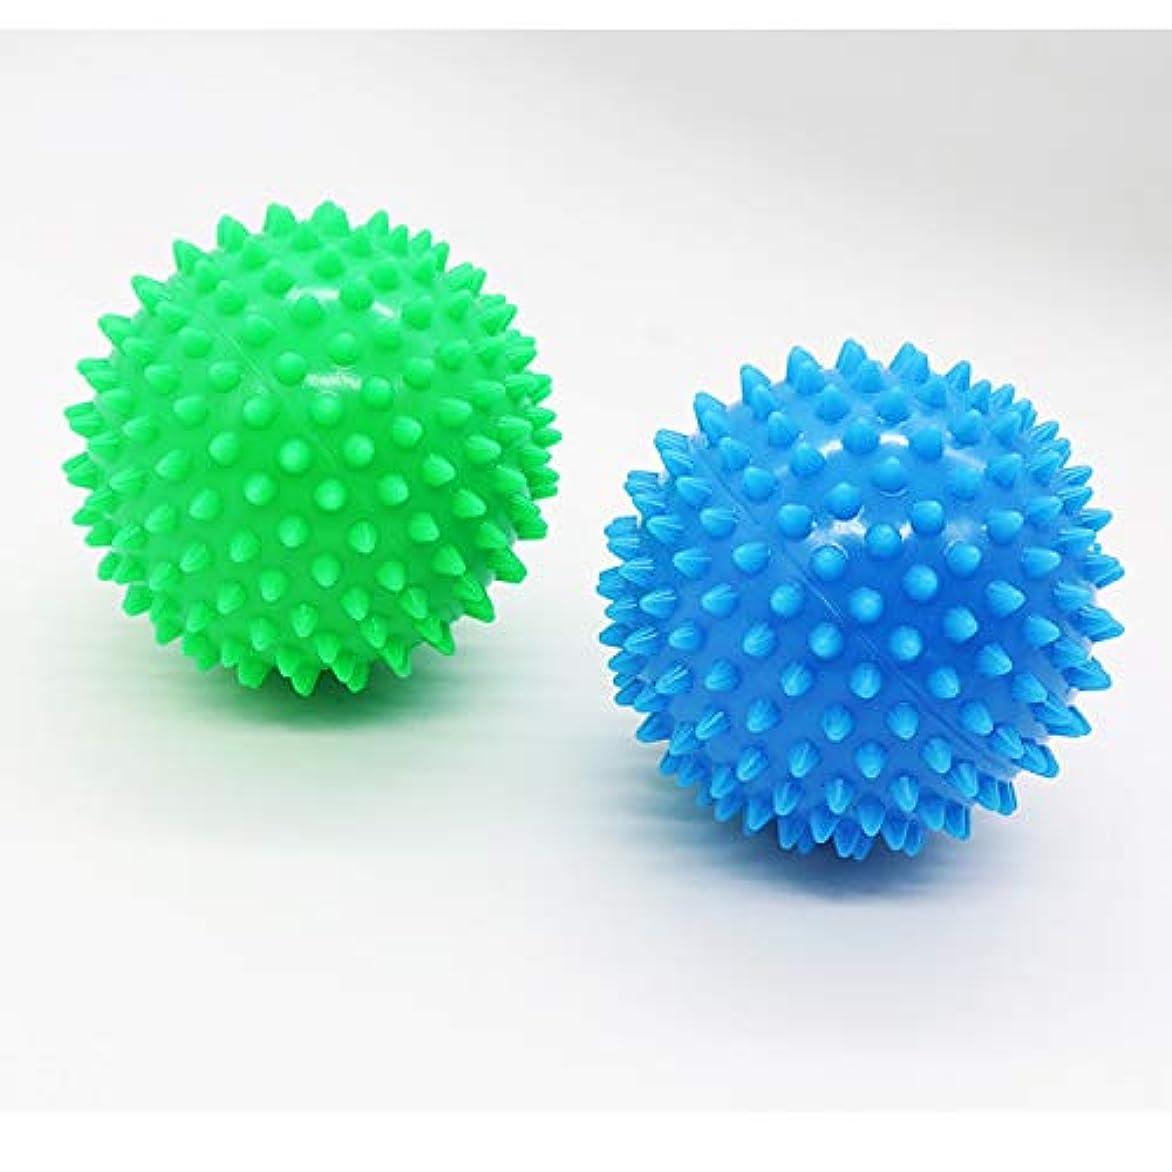 批判する前に腸Dreecy マッサージボール(2個セット)触覚ボール リフレックスボール トレーニングボール  ポイントマッサージ 筋筋膜リリース 筋肉緊張和らげ 血液循環促進 9cm(青+緑)